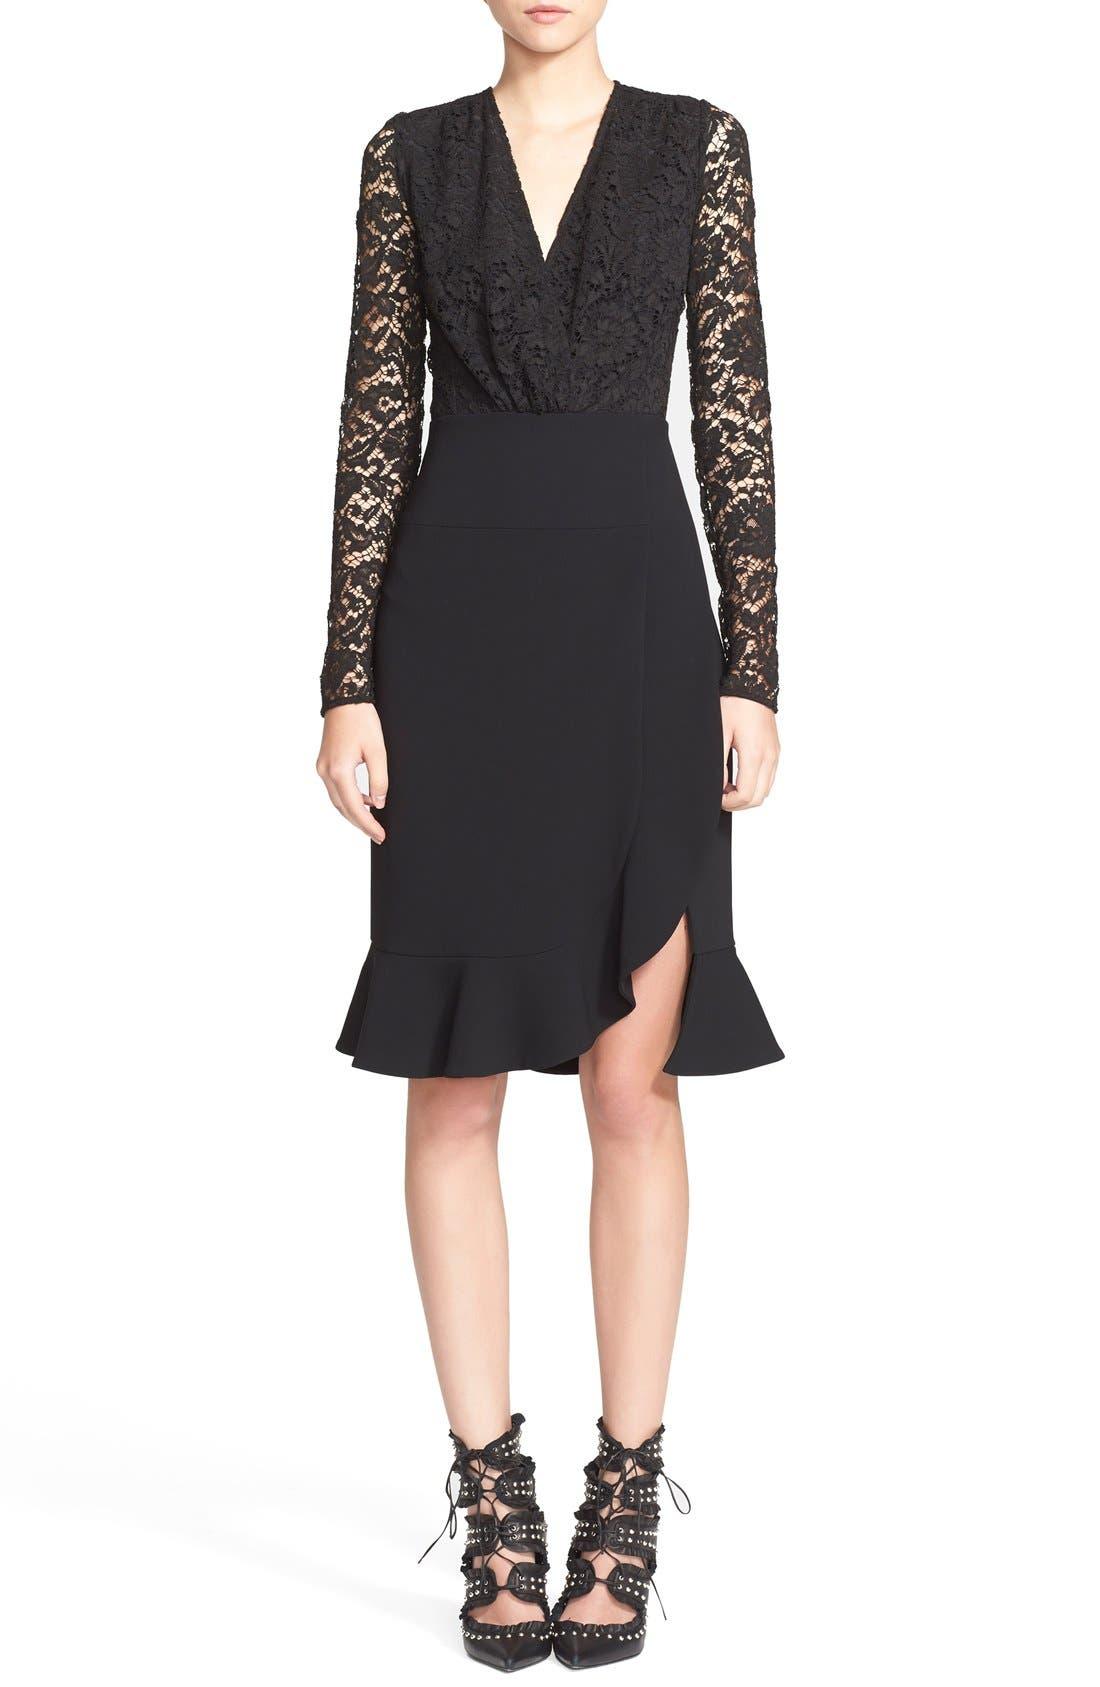 Alternate Image 1 Selected - Altuzarra Lace Bodice Ruffle Dress